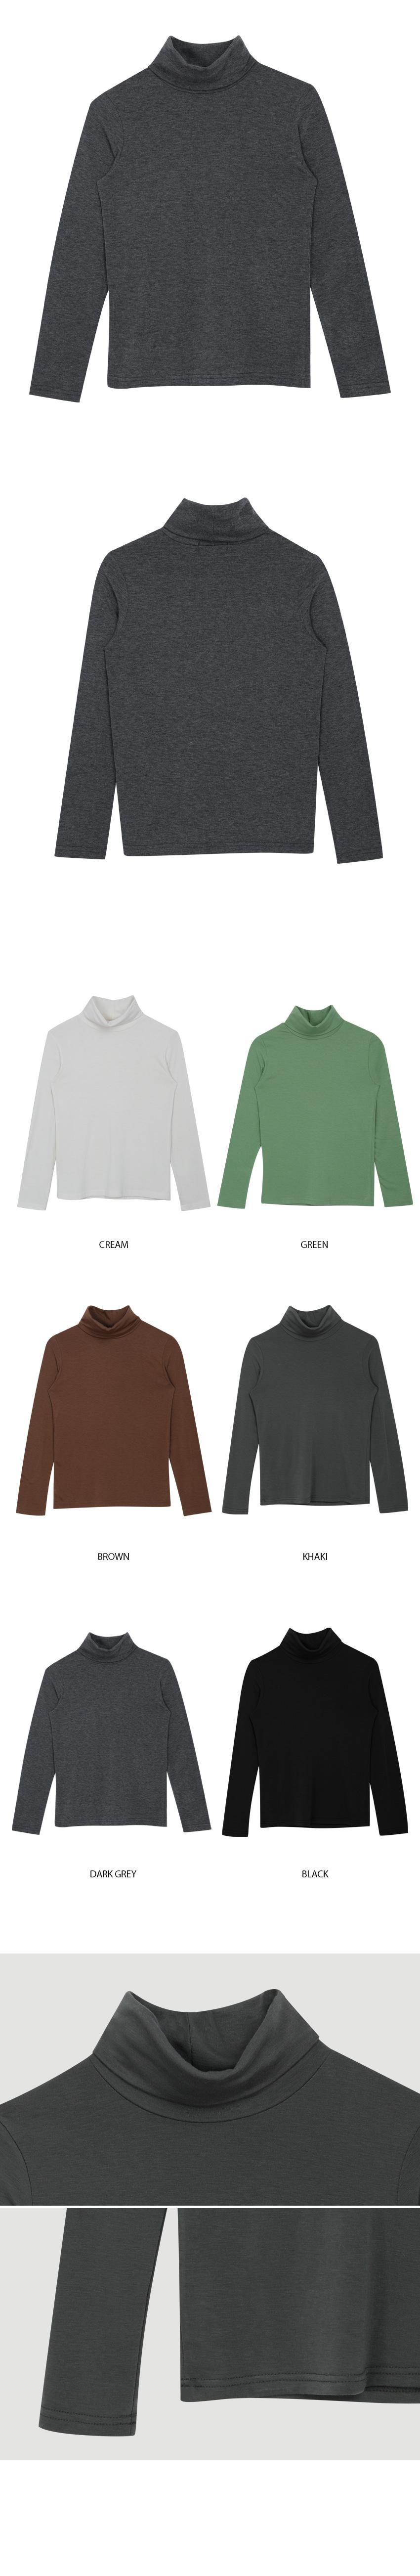 Basic brushed polar t-shirt